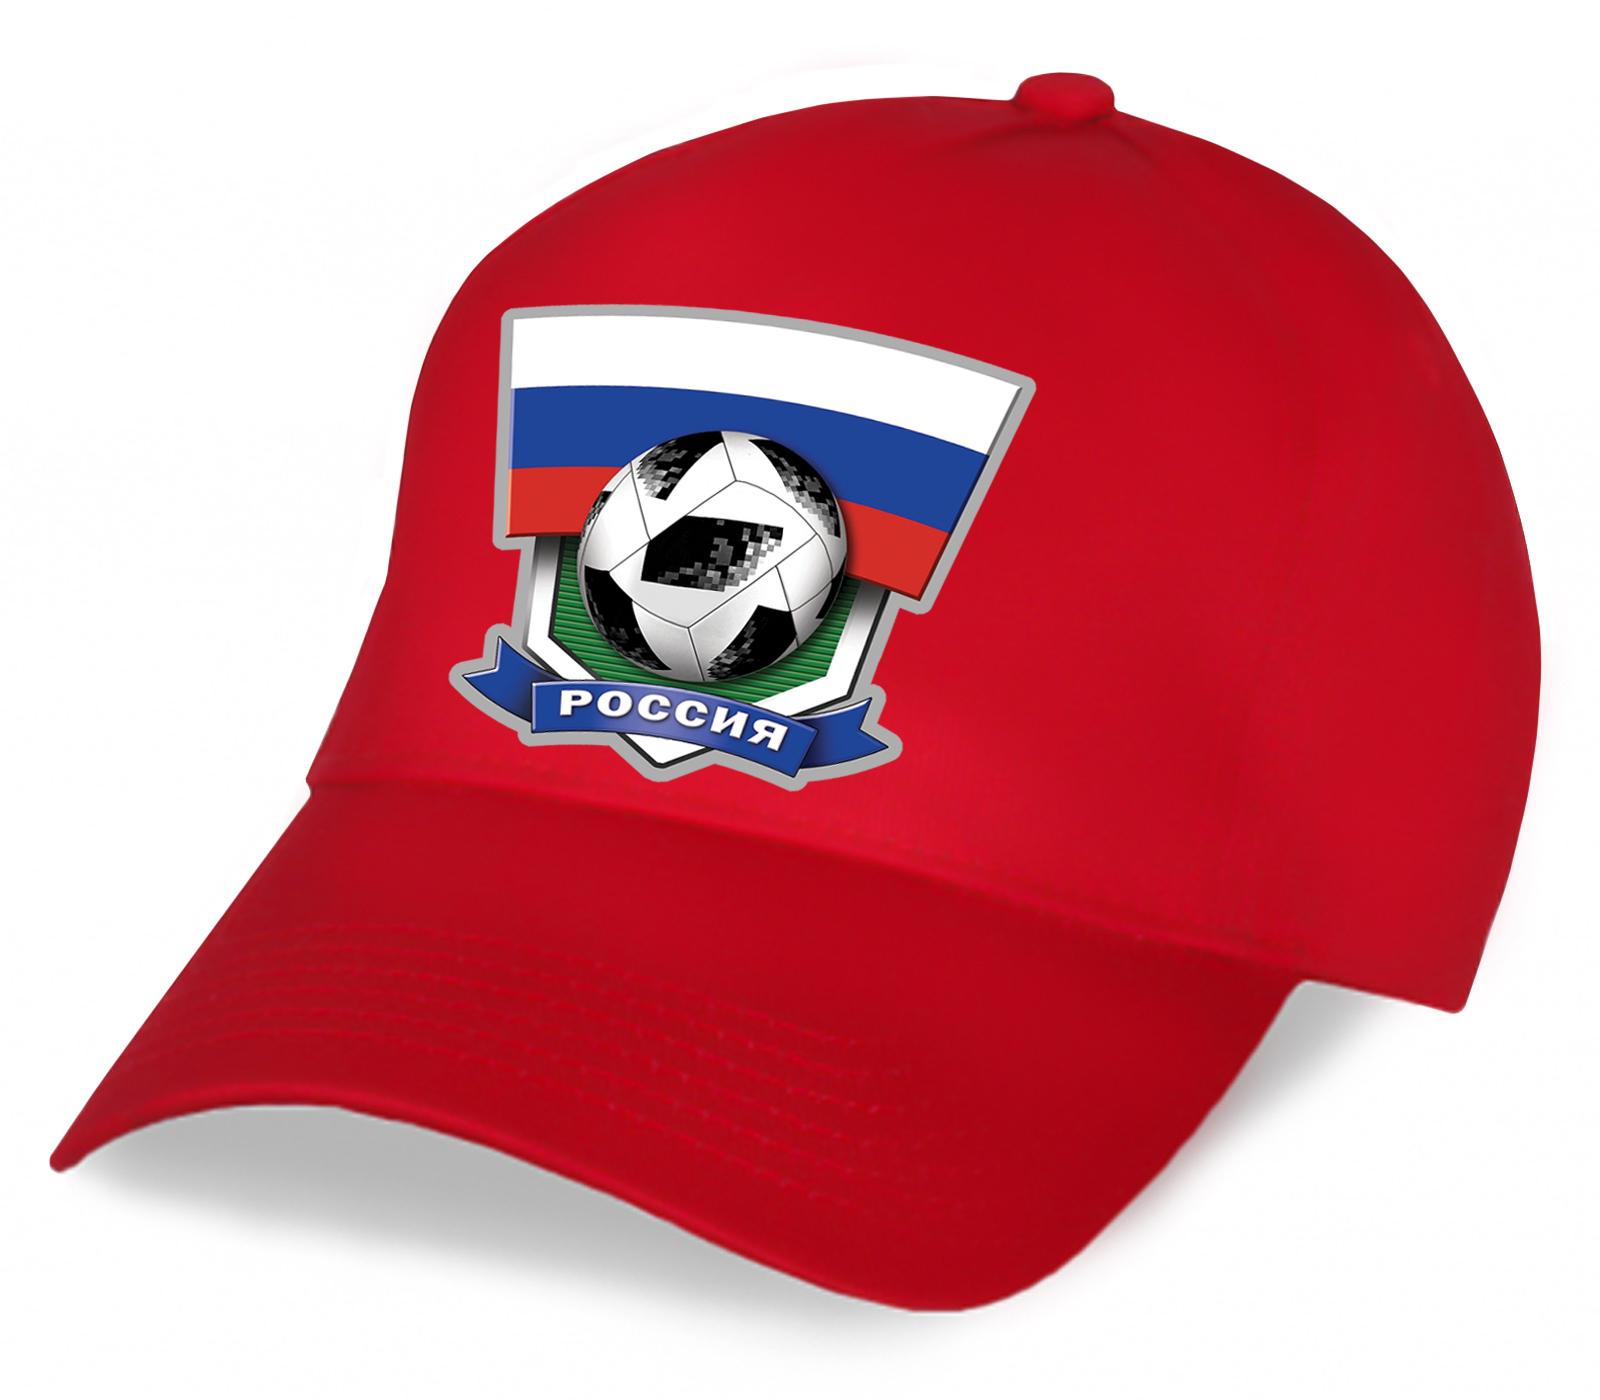 Фанатская сочная футболка Россия